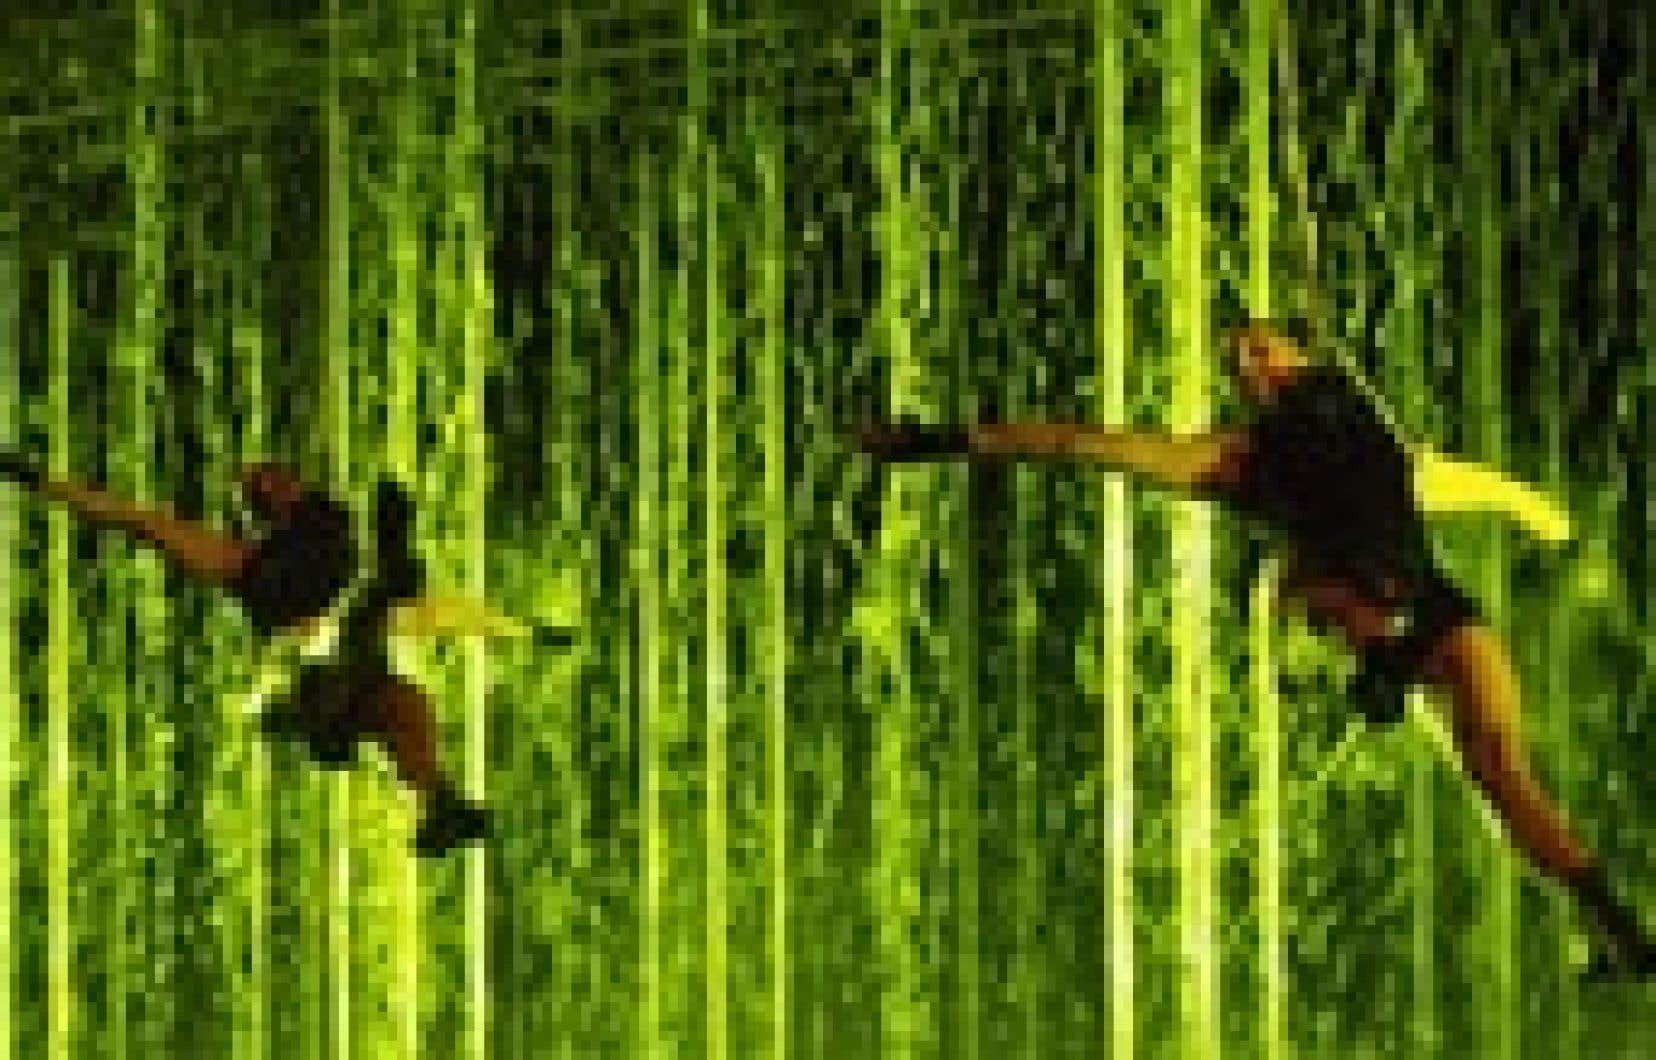 Les quatorze artistes de la troupe italienne de danse acrobatique Materiali Resistenti Dance Factory voltigent pendant près d'une heure autour d'une cascade de dix mètres de largeur et de quatre mètres de hauteur.